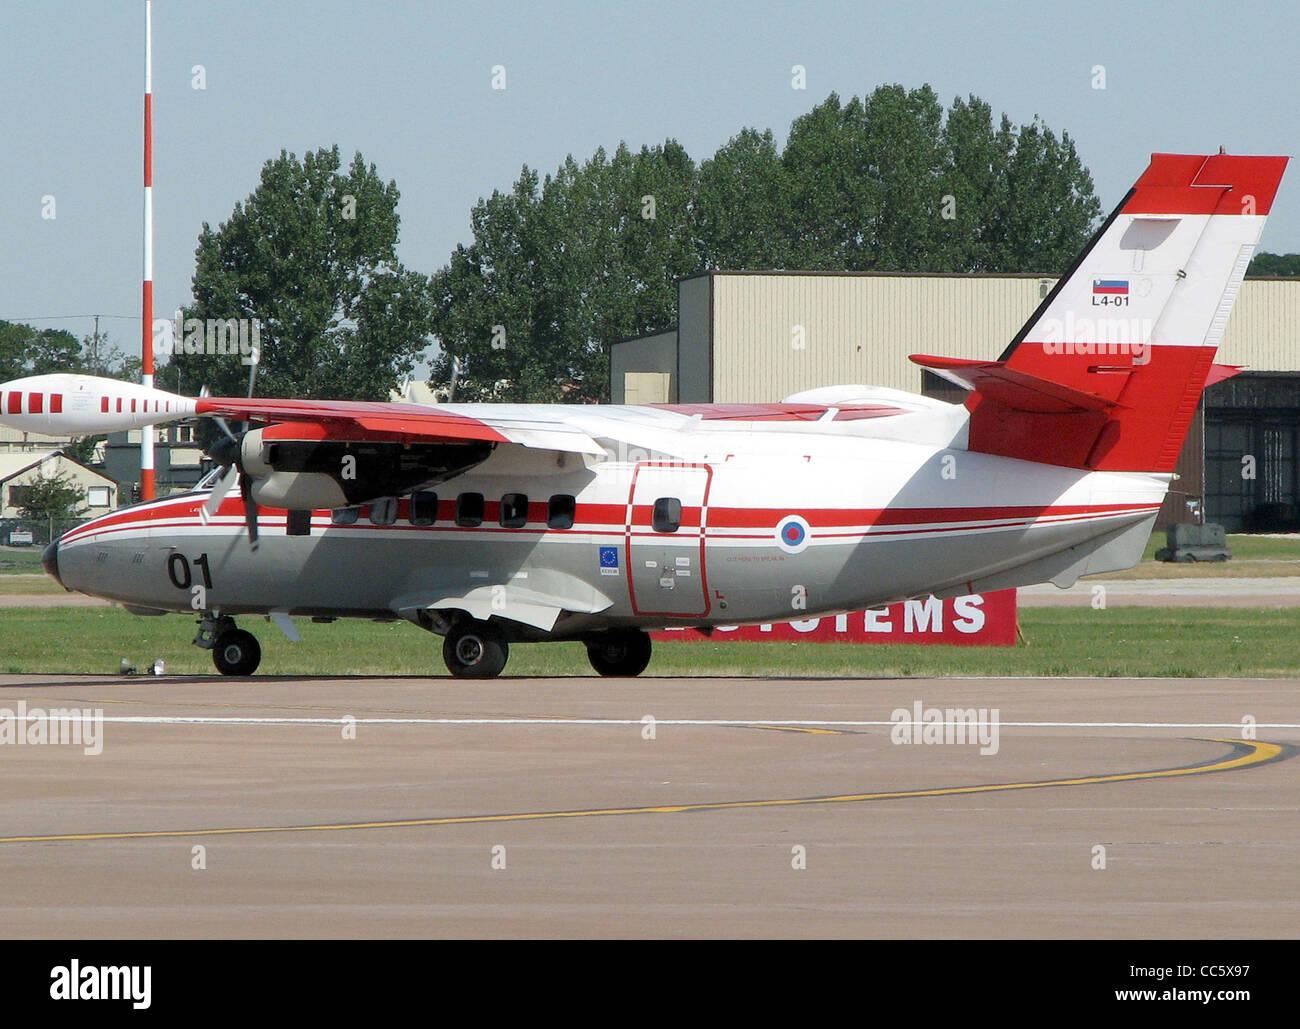 Let L-410UVP-E de las Fuerzas Armadas Eslovenas (identificador L4-01) de rodadura para el despegue en el Royal International Imagen De Stock